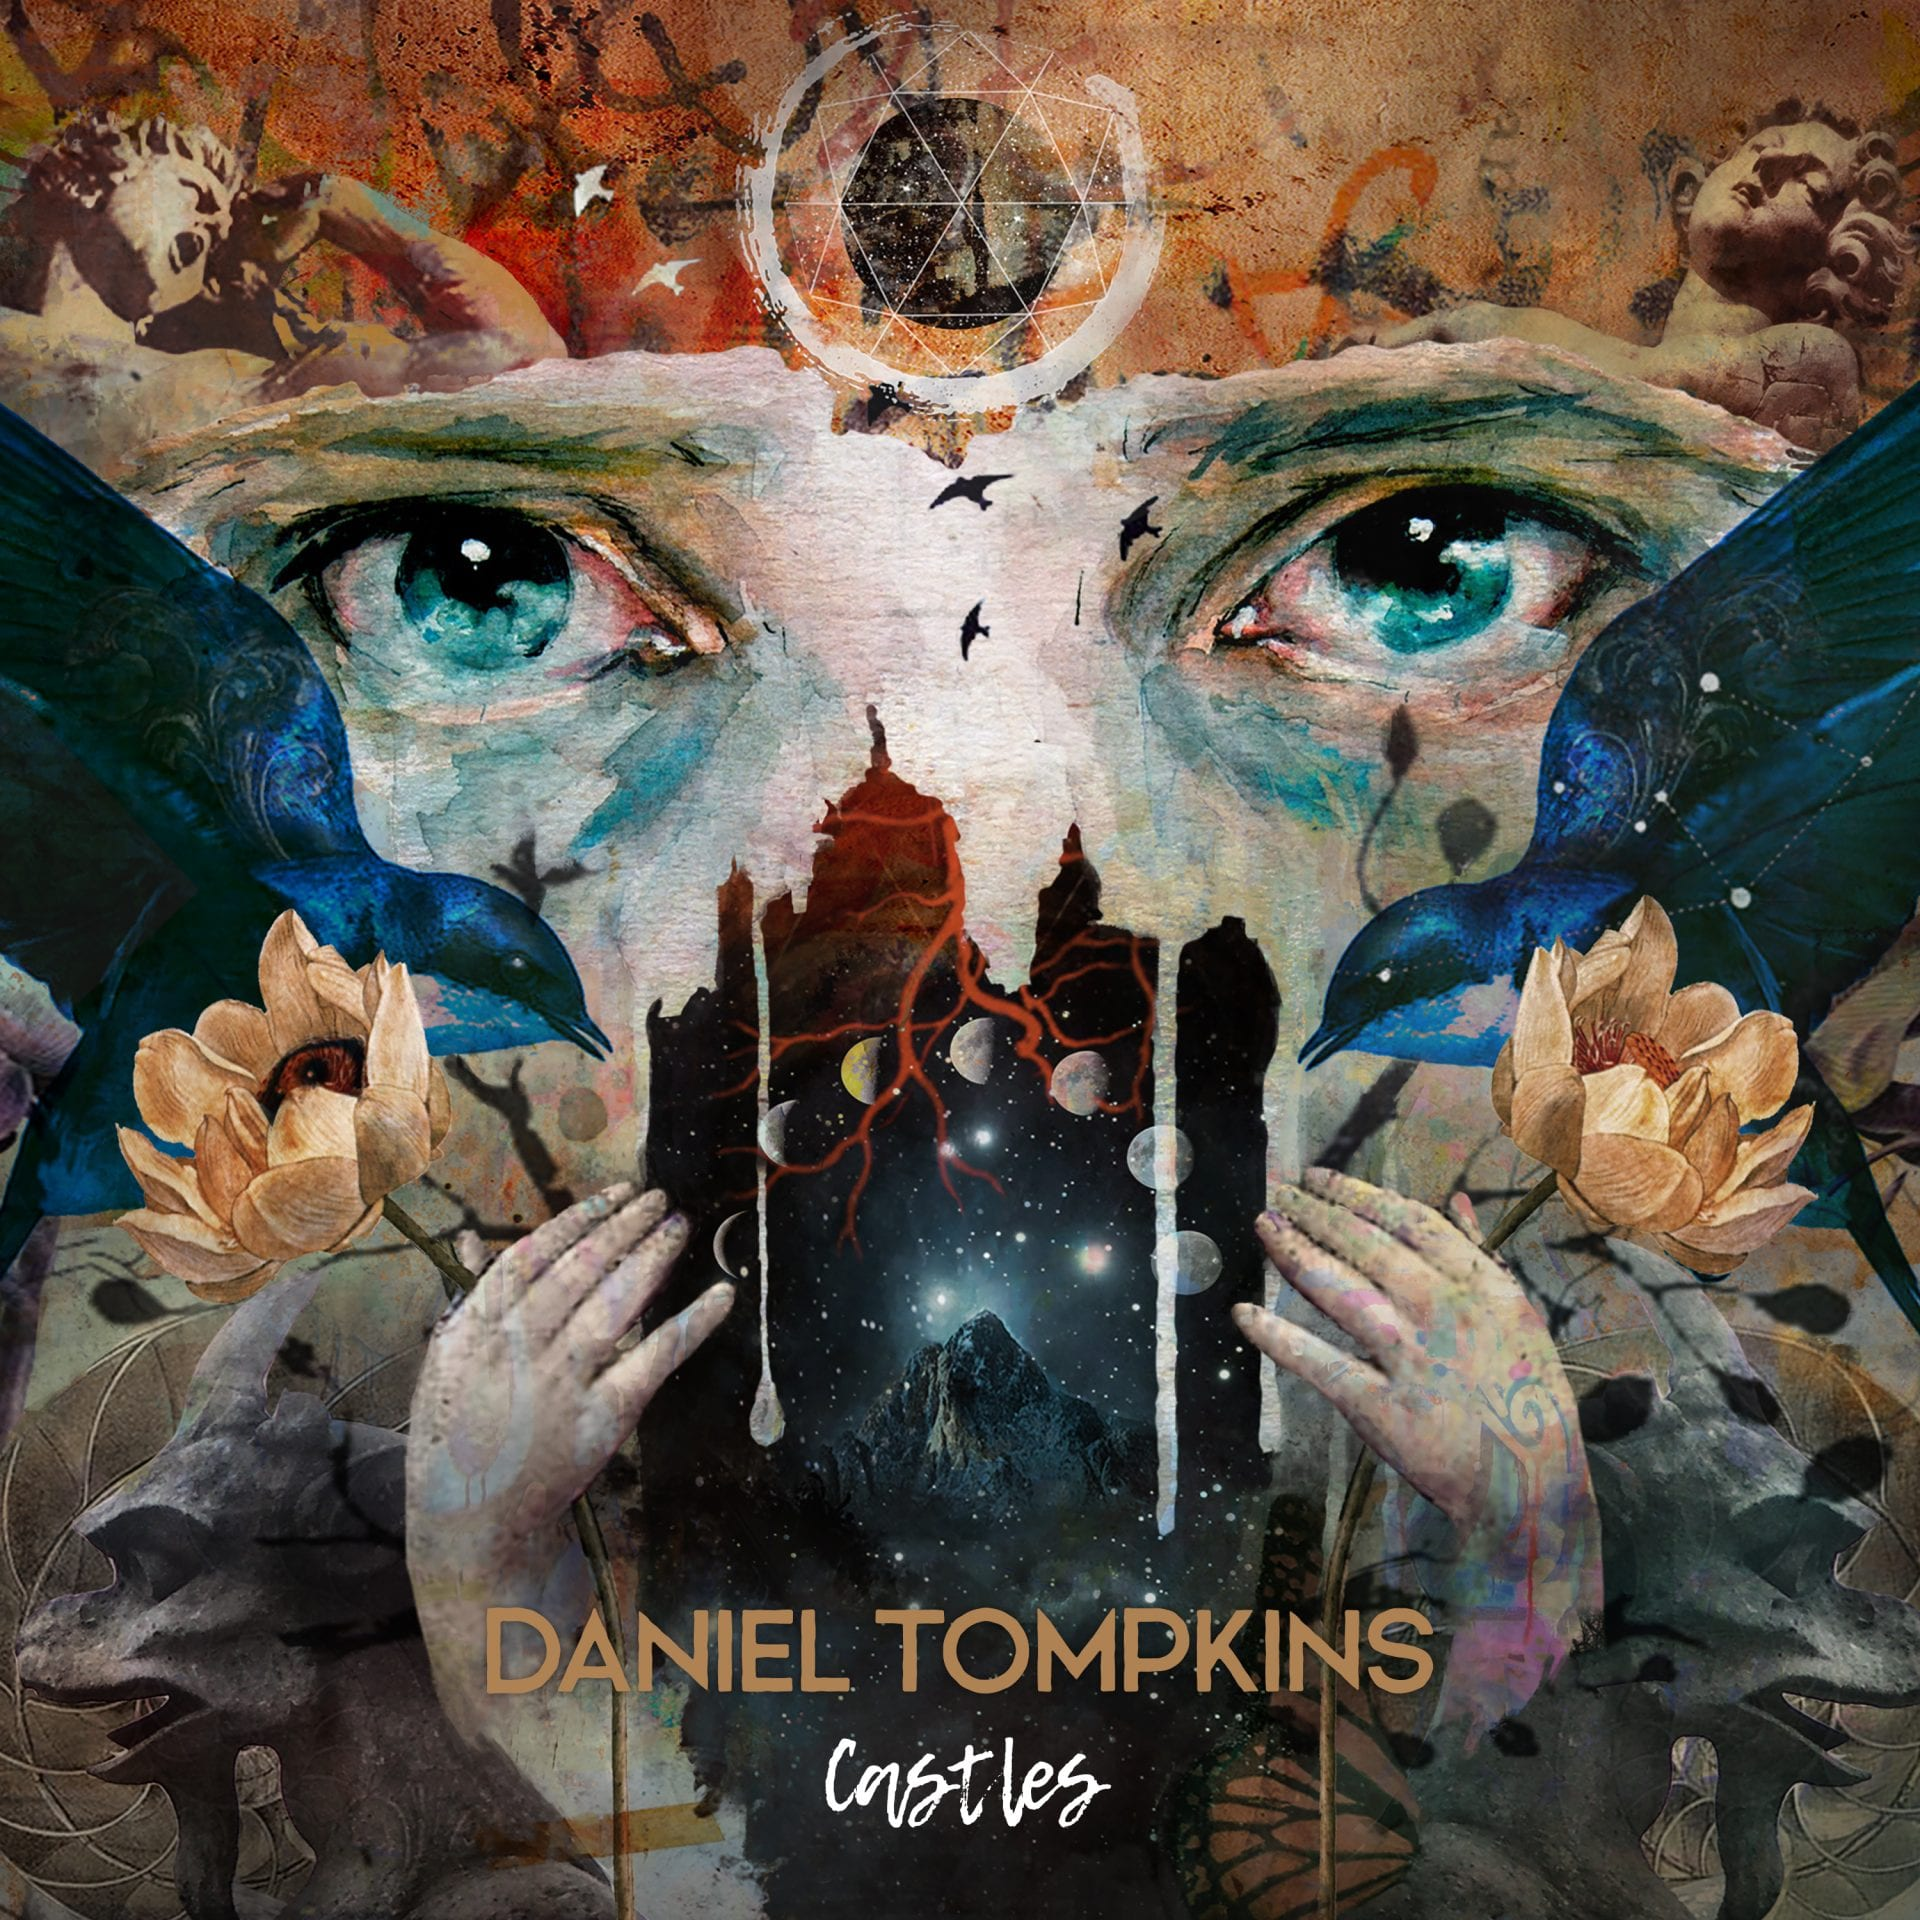 Daniel Tompkins – Castles